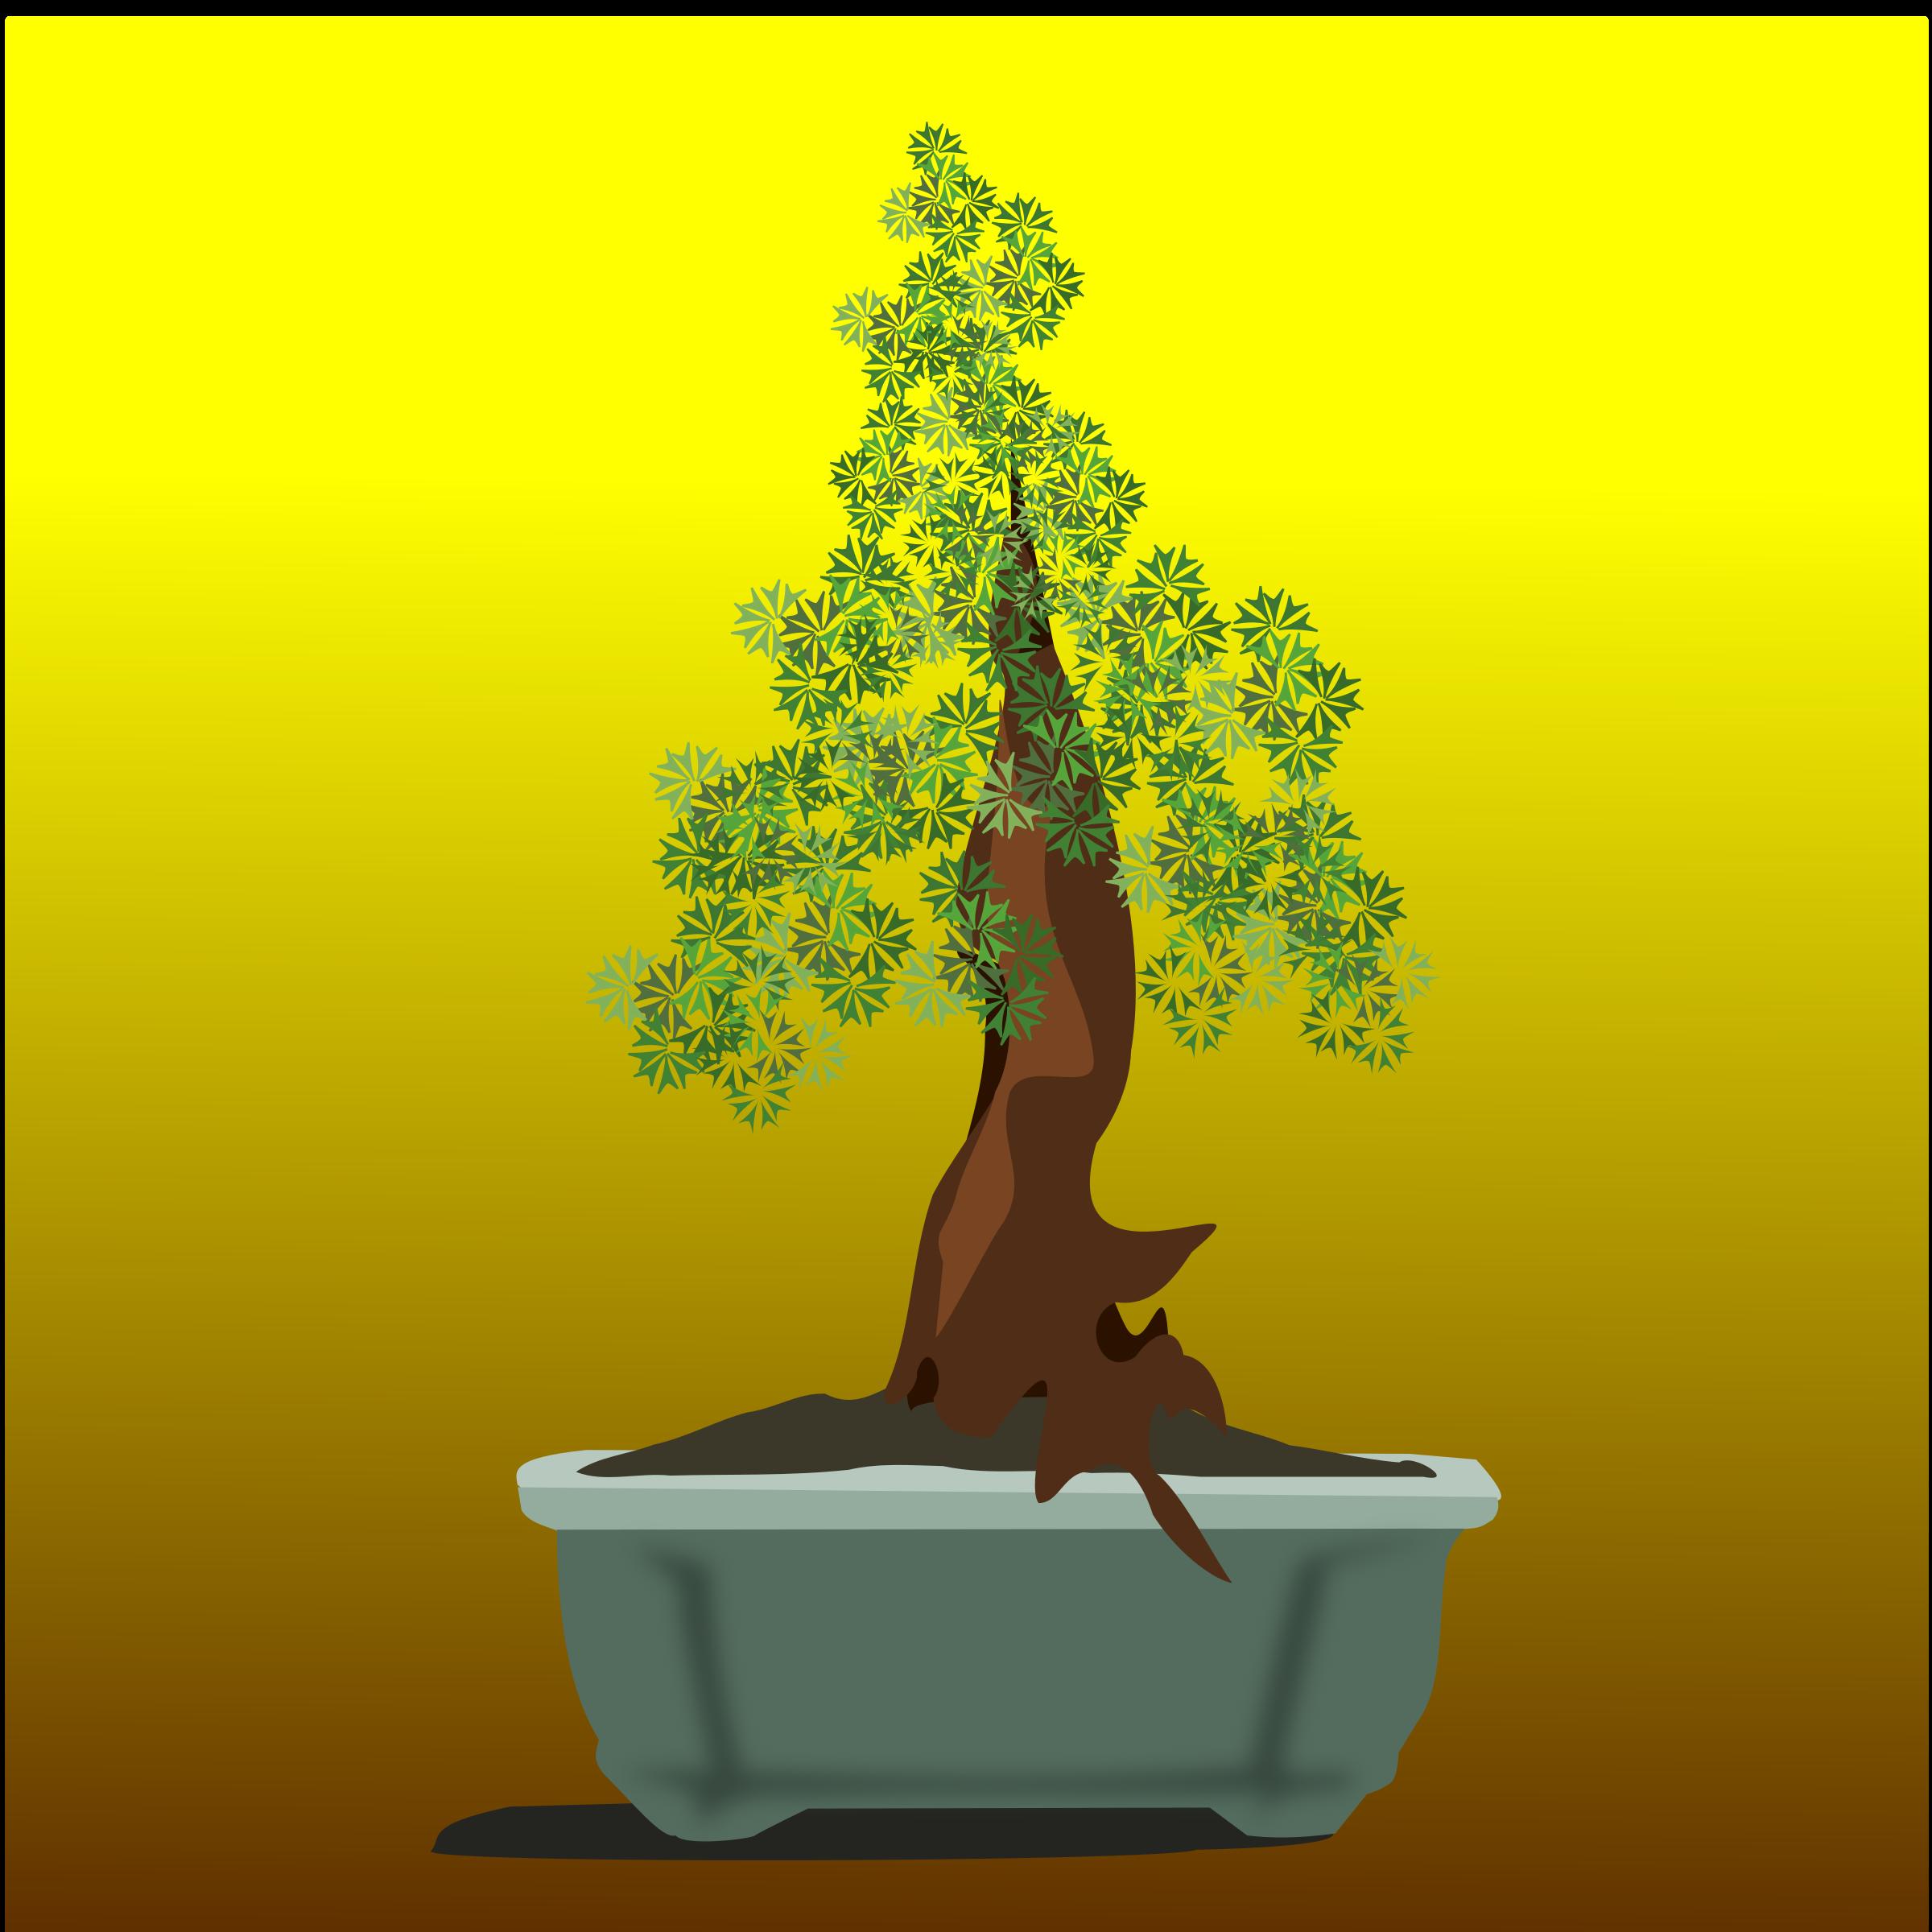 Clipart - bonsai-11